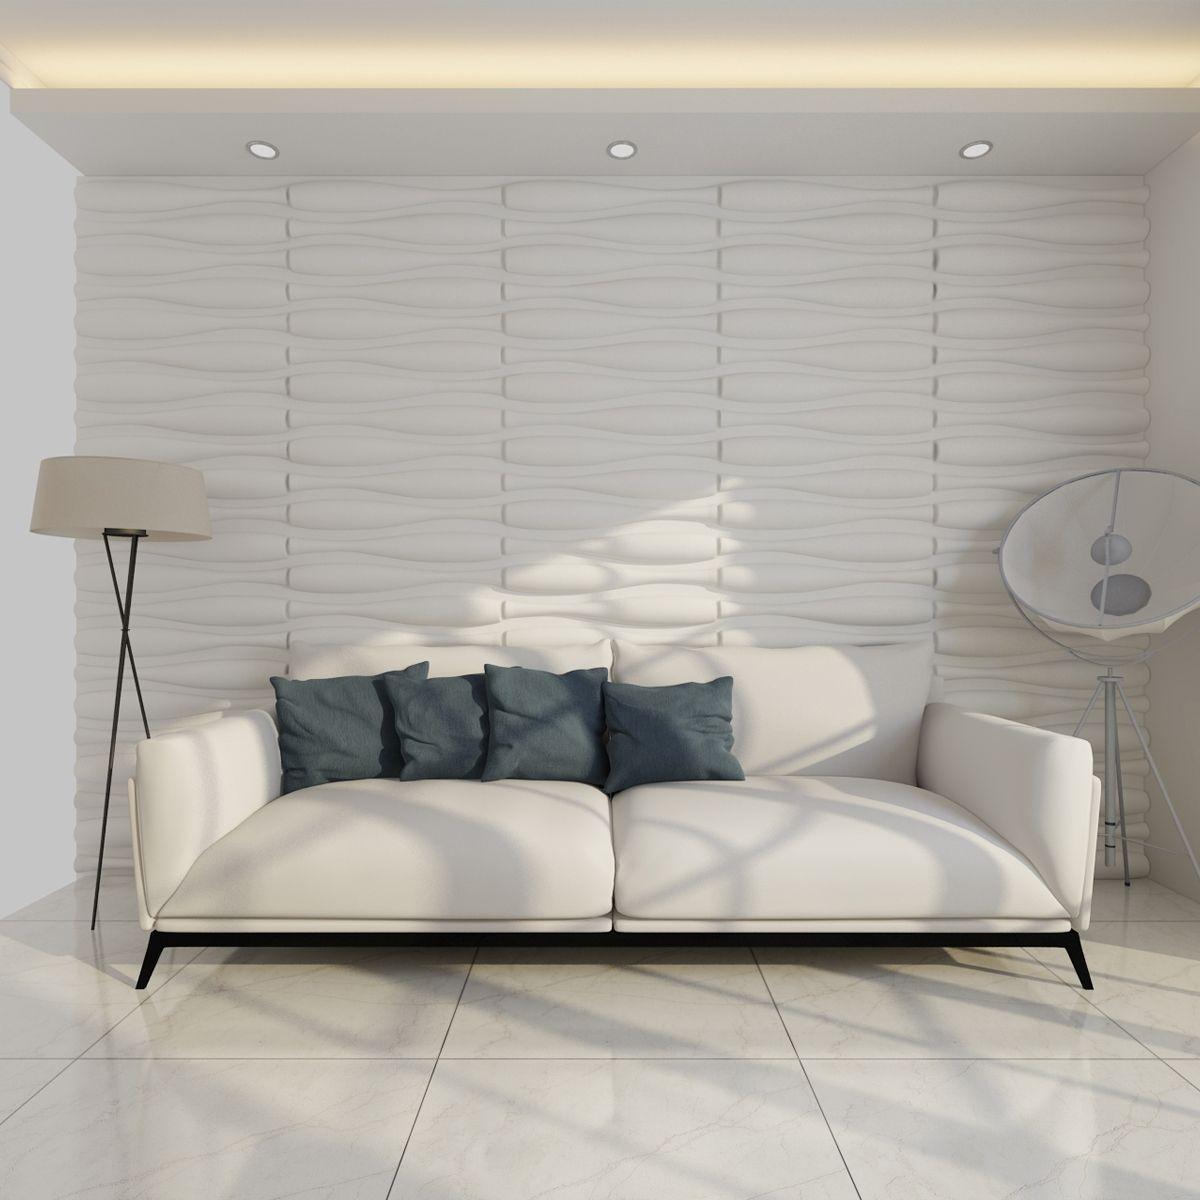 6m Wandpaneele 3d Wandverkleidung Wanddeko Deckenpaneel Tapete Paneele Neu Deckenpaneele Wandpaneele Wandverkleidung